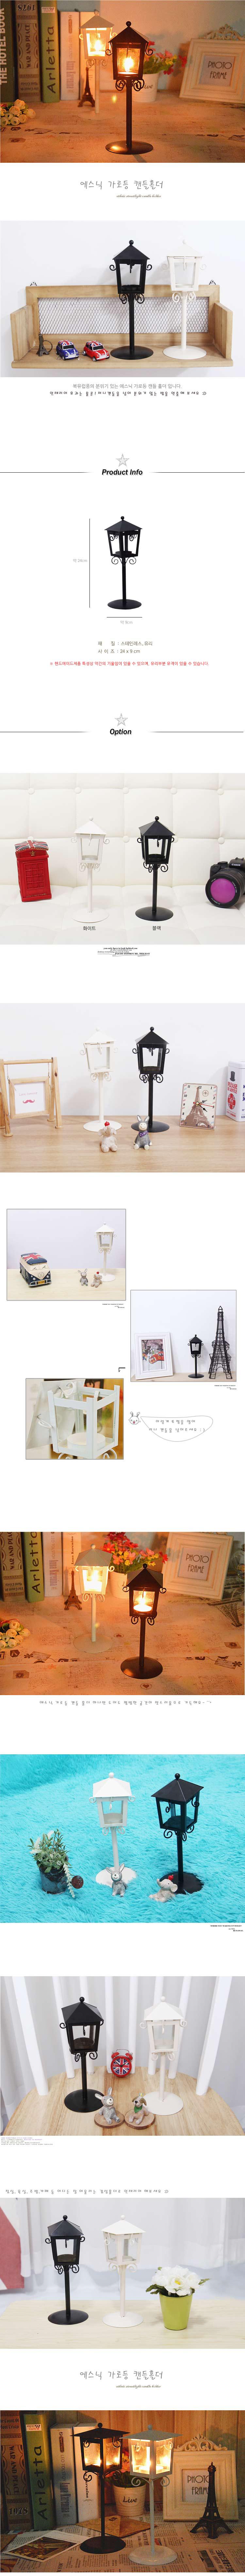 에스닉가로등홀더 - 미스터고물상, 3,570원, 캔들, 캔들홀더/소품